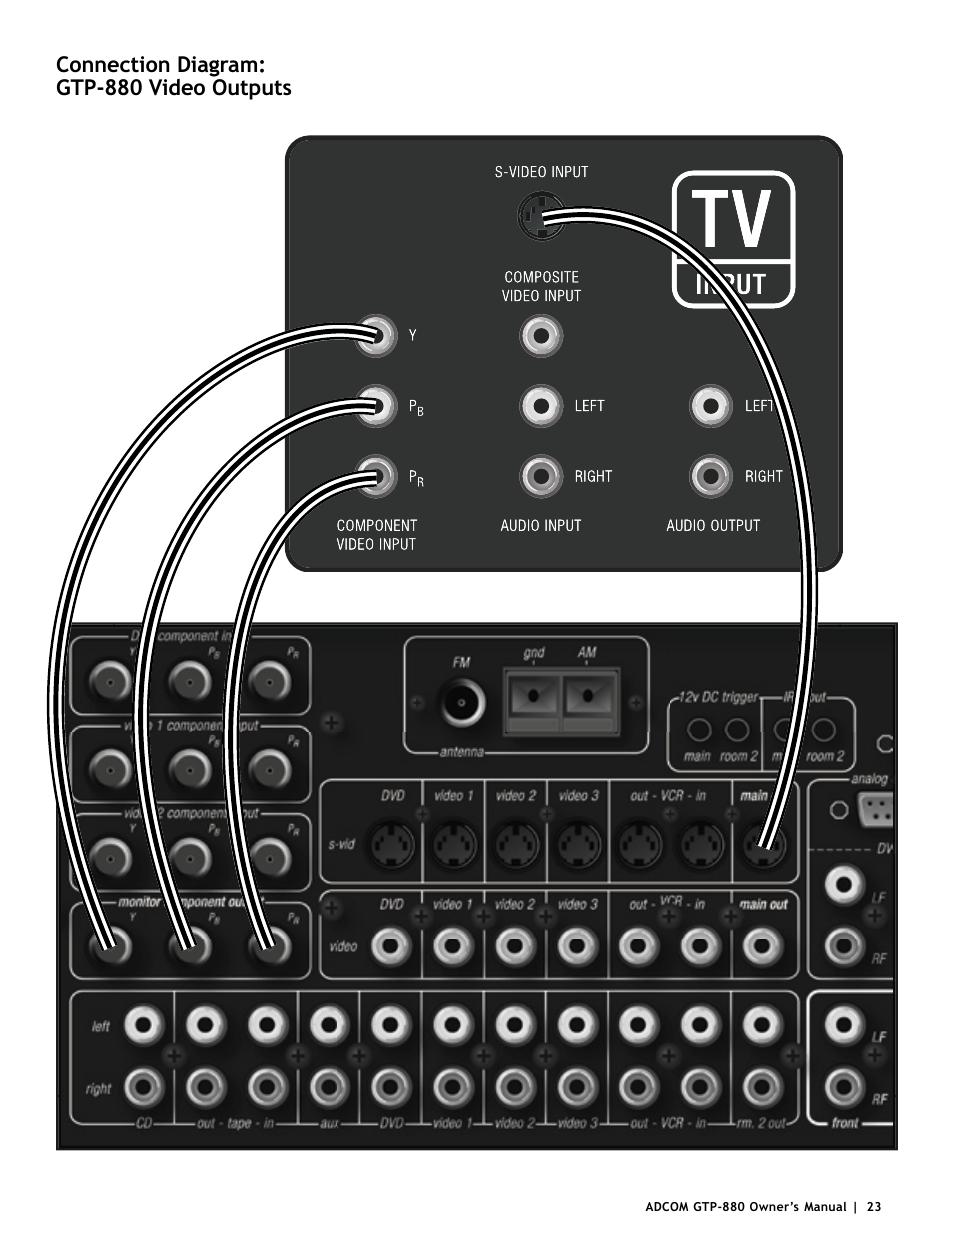 connection diagram gtp 880 video outputs adcom gtp 880 user rh manualsdir com